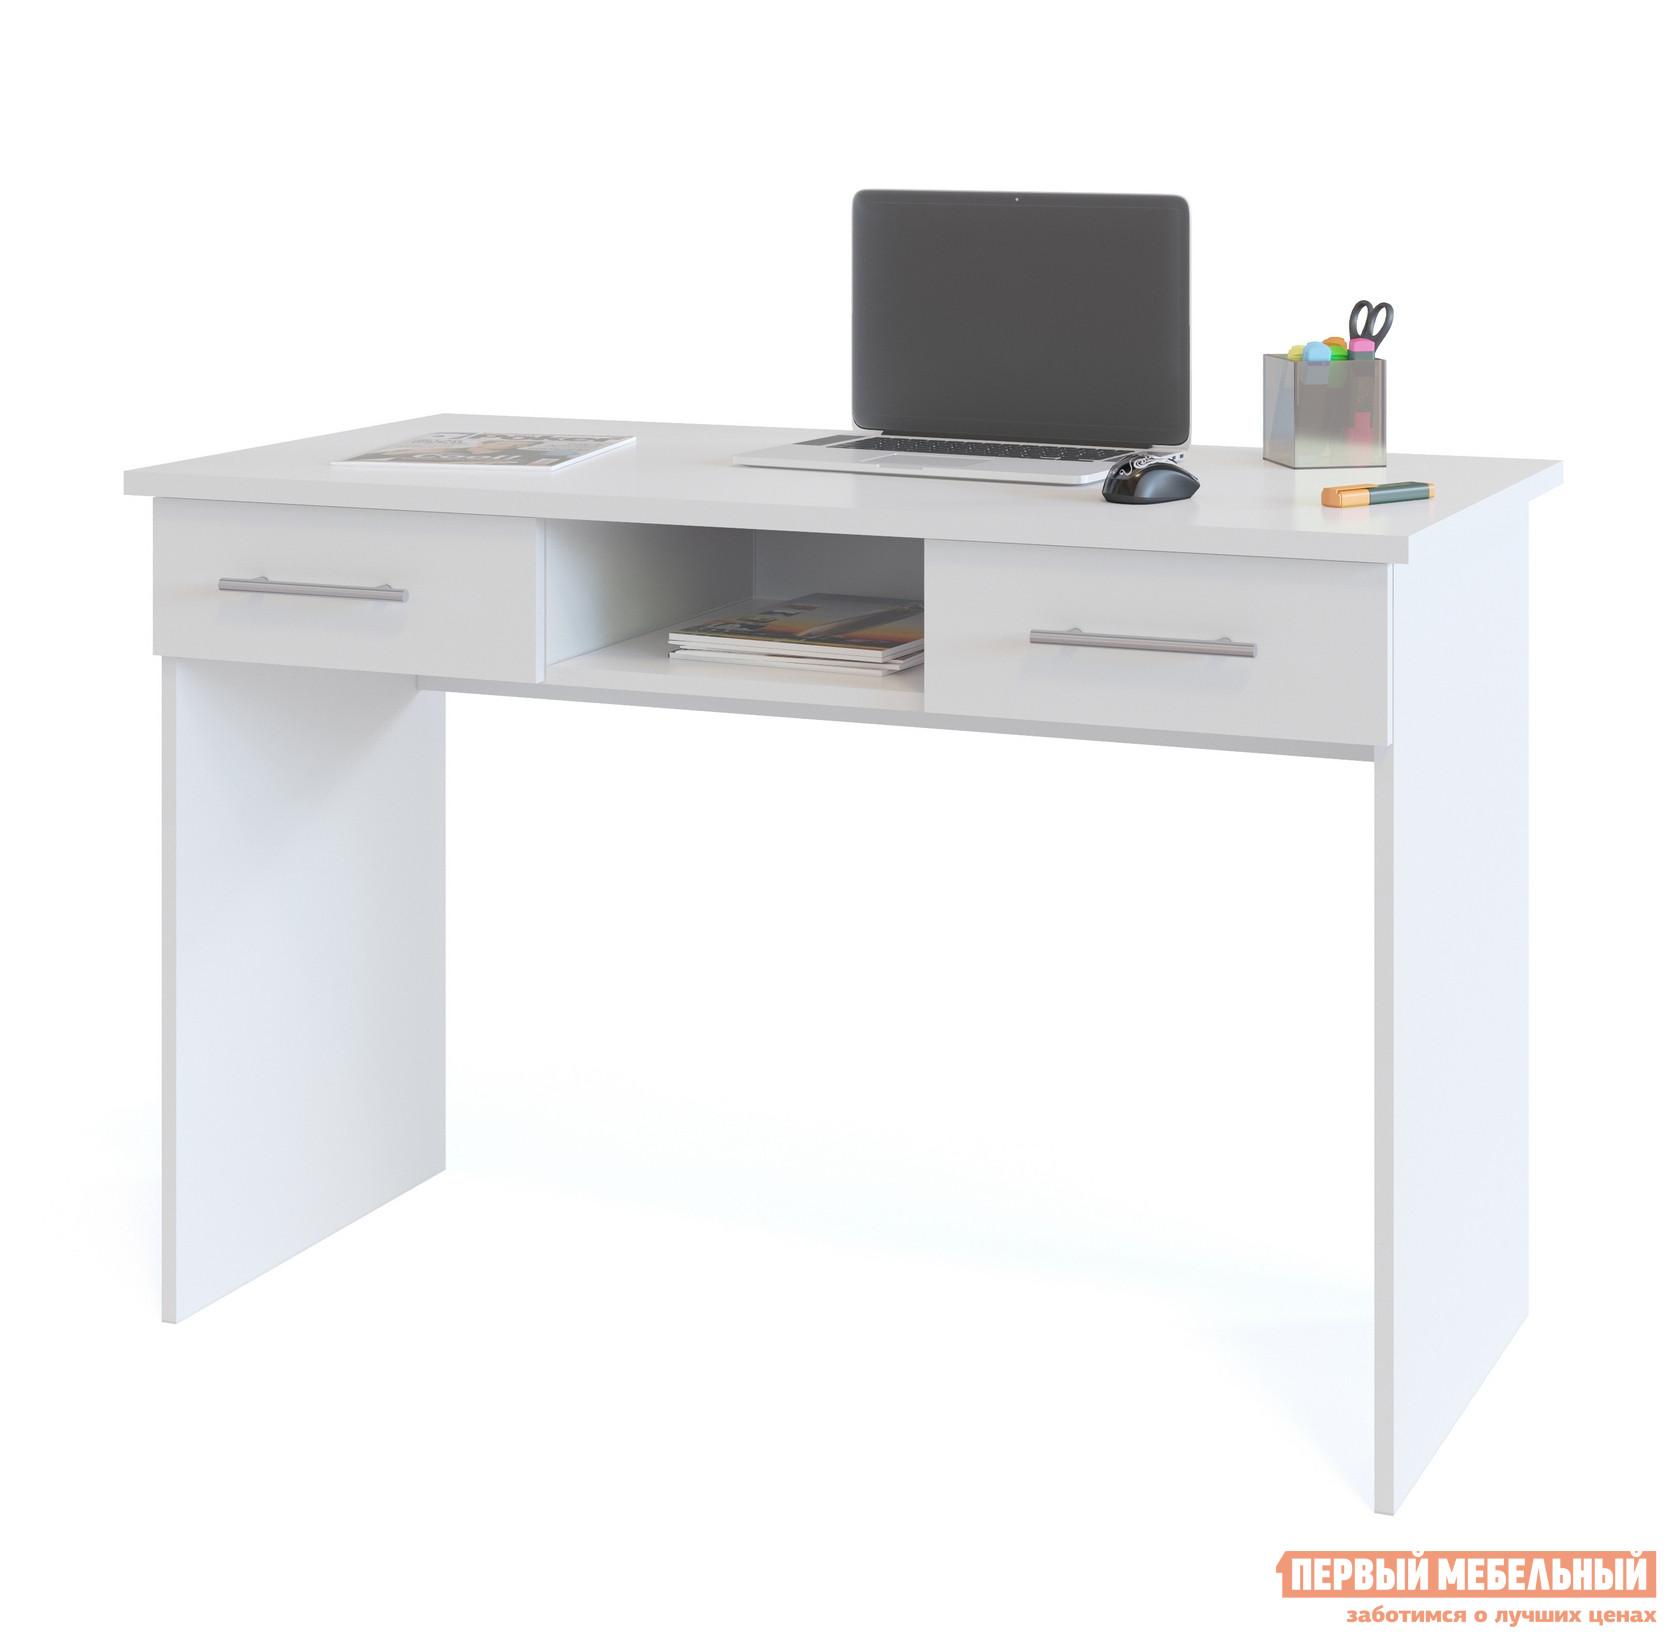 Письменный стол Сокол КСТ-107.1 БелыйПисьменные столы<br>Габаритные размеры ВхШхГ 790x1200x600 мм. Удобный письменный стол в белом исполнении может использоваться как для работы, так и для учебы.  Стол оснащен двумя выдвижными ящиками и нишей.  Это поможет вам максимально комфортно организовать рабочее место. Внутренний размер ящиков составляет 390 х 322 мм, что позволит разместить в них документы формата А4 и канцелярские принадлежности.  Глубина ниши — 486 мм. На столешнице предусмотрено два отверстия для вывода проводов.  При желании их можно закрыть заглушками, которые входят в комплект.  Столешница изготовлена из высококачественного ДСП отечественного производства толщиной 22 мм, края обработаны кромкой ПВХ 2 мм, остальные детали — ЛДСП 16 мм, кромка 0,4 мм.  Рекомендуем сохранить инструкцию по сборке (паспорт изделия) до истечения гарантийного срока.<br><br>Цвет: Белый<br>Высота мм: 790<br>Ширина мм: 1200<br>Глубина мм: 600<br>Кол-во упаковок: 1<br>Форма поставки: В разобранном виде<br>Срок гарантии: 2 года<br>Тип: Прямые<br>Материал: Дерево<br>Материал: ЛДСП<br>Размер: Маленькие<br>С ящиками: Да<br>Без надстройки: Да<br>Стиль: Современный<br>Стиль: Модерн